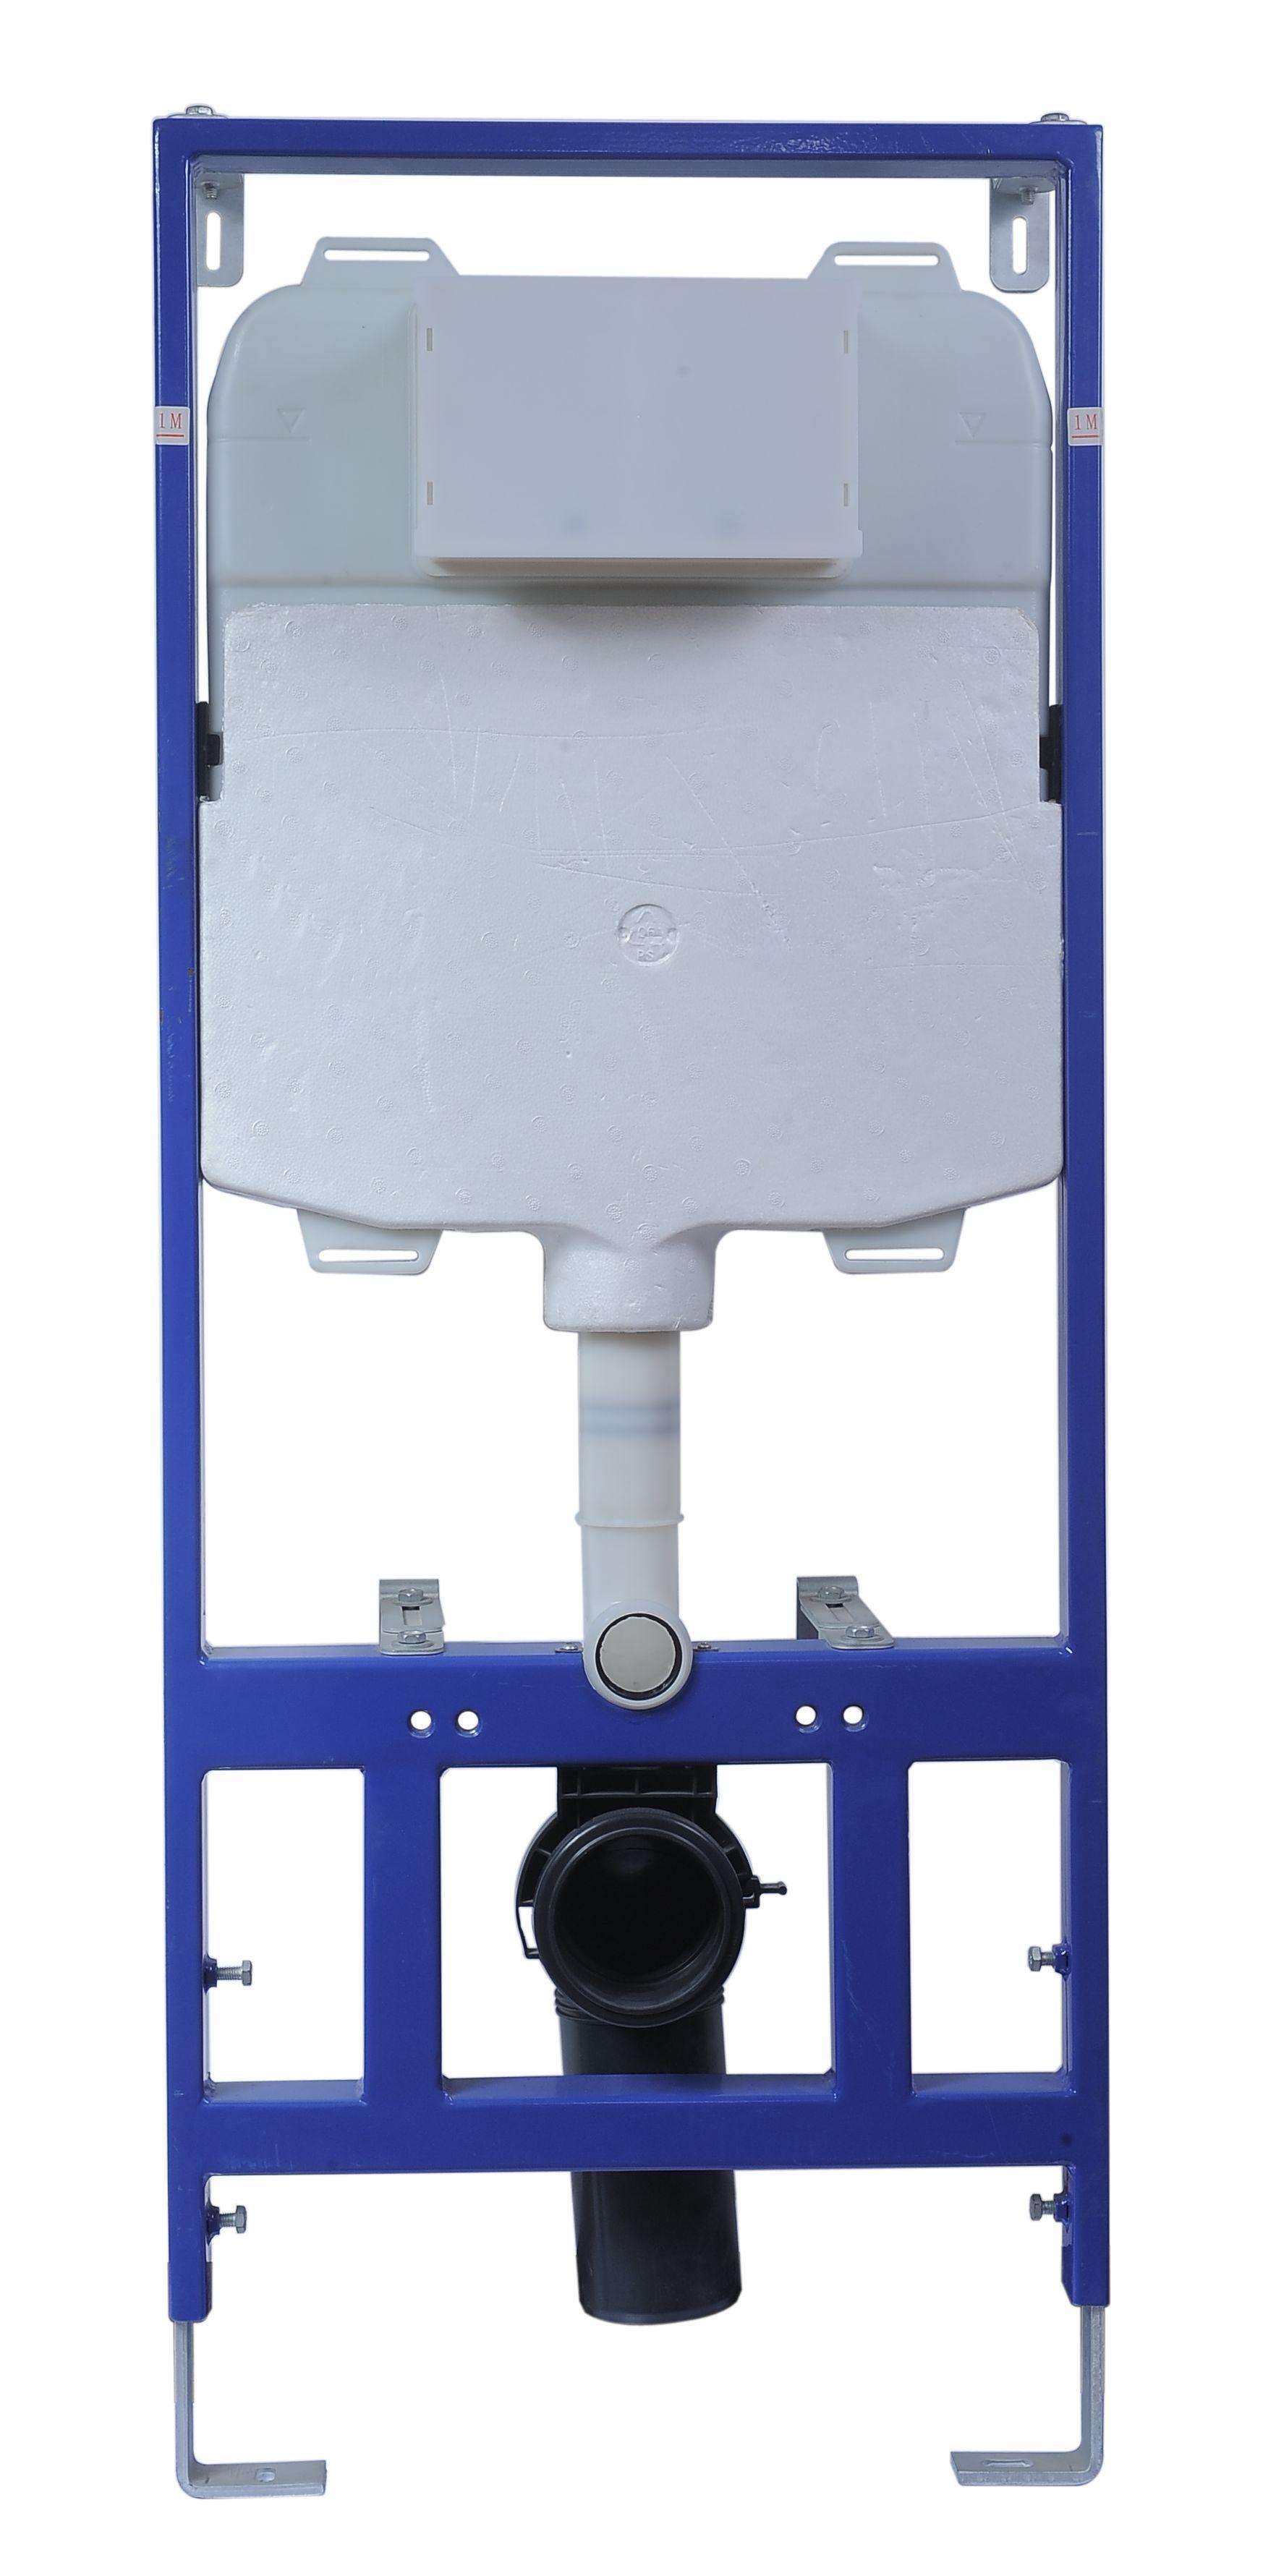 WC Vorwandelement VE-6241 ohne Betätigungsplatte